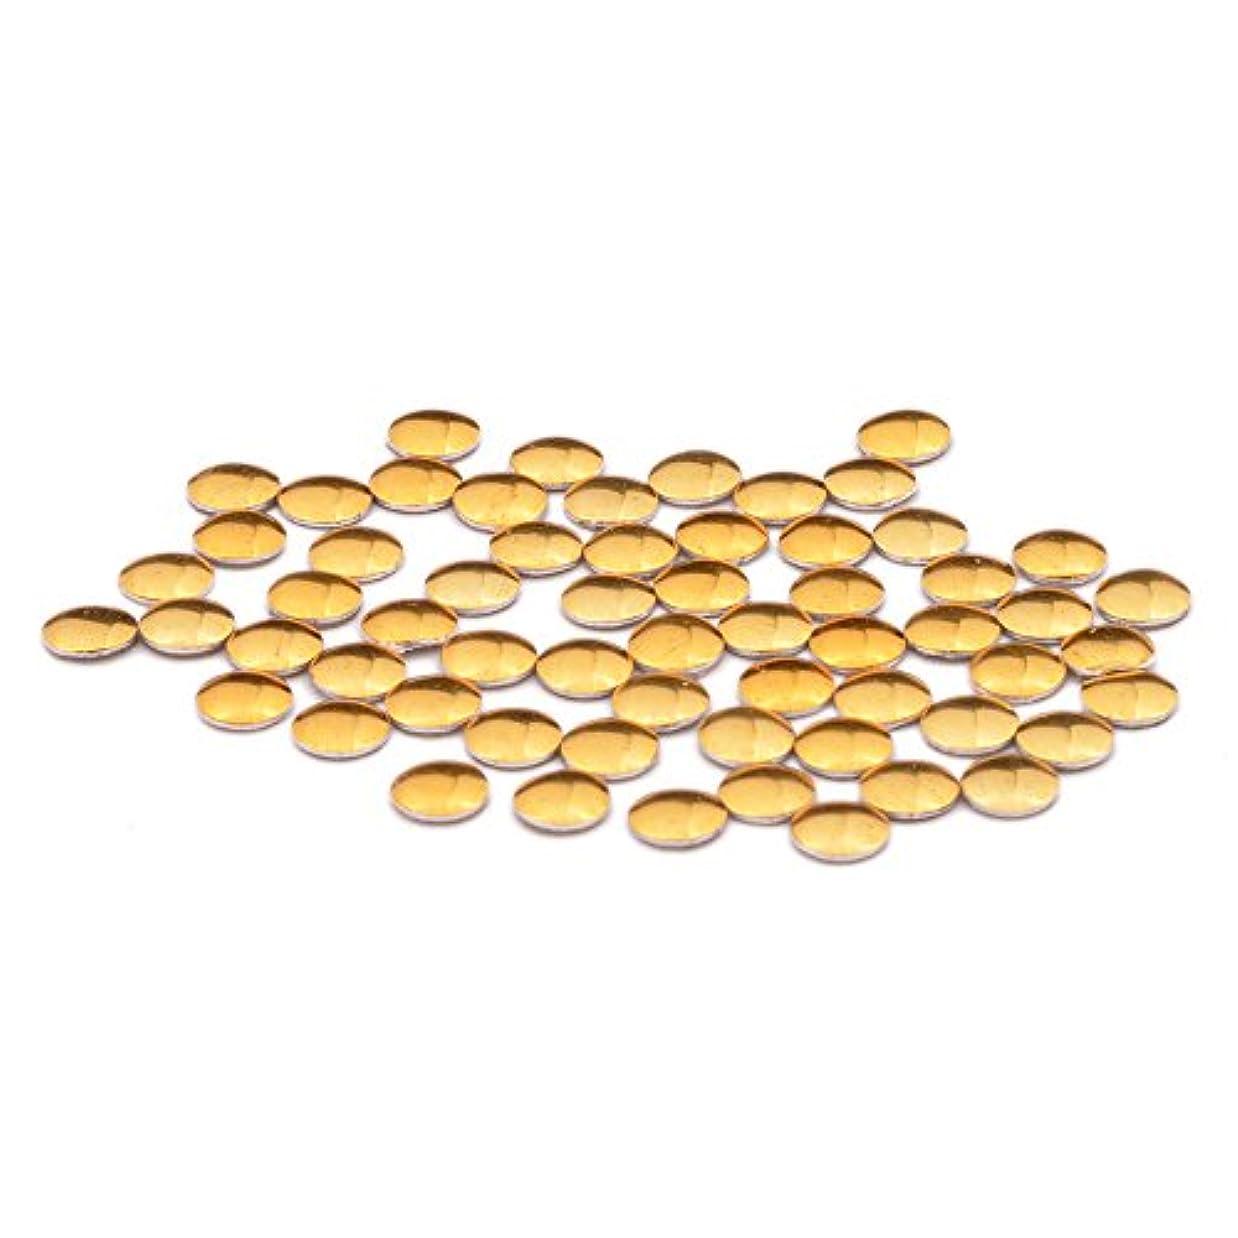 共和国膿瘍取得ラウンド メタルスタッズ 丸型(0.8mm/1mm/1.2mm/1.5mm/2mm/2.5mm/3mm)約50粒入り (0.8mm, ゴールド)